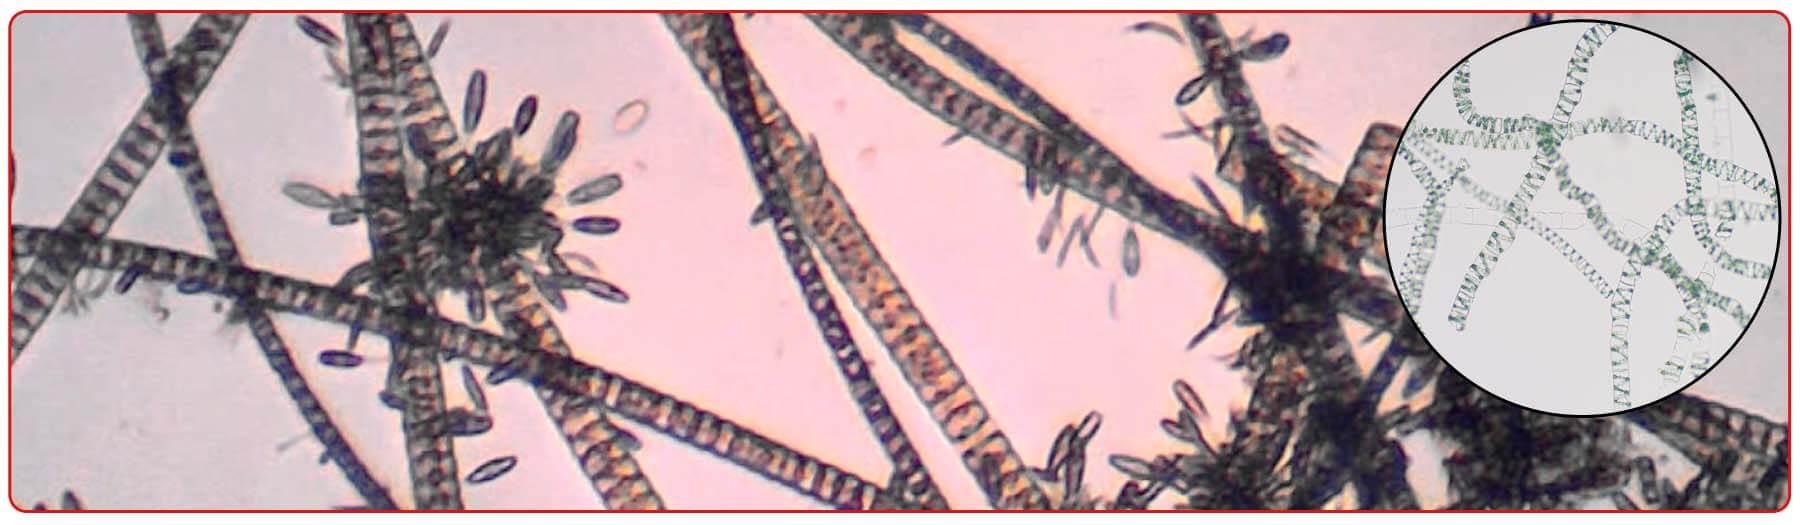 Аквариумные водоросли под микроскопом